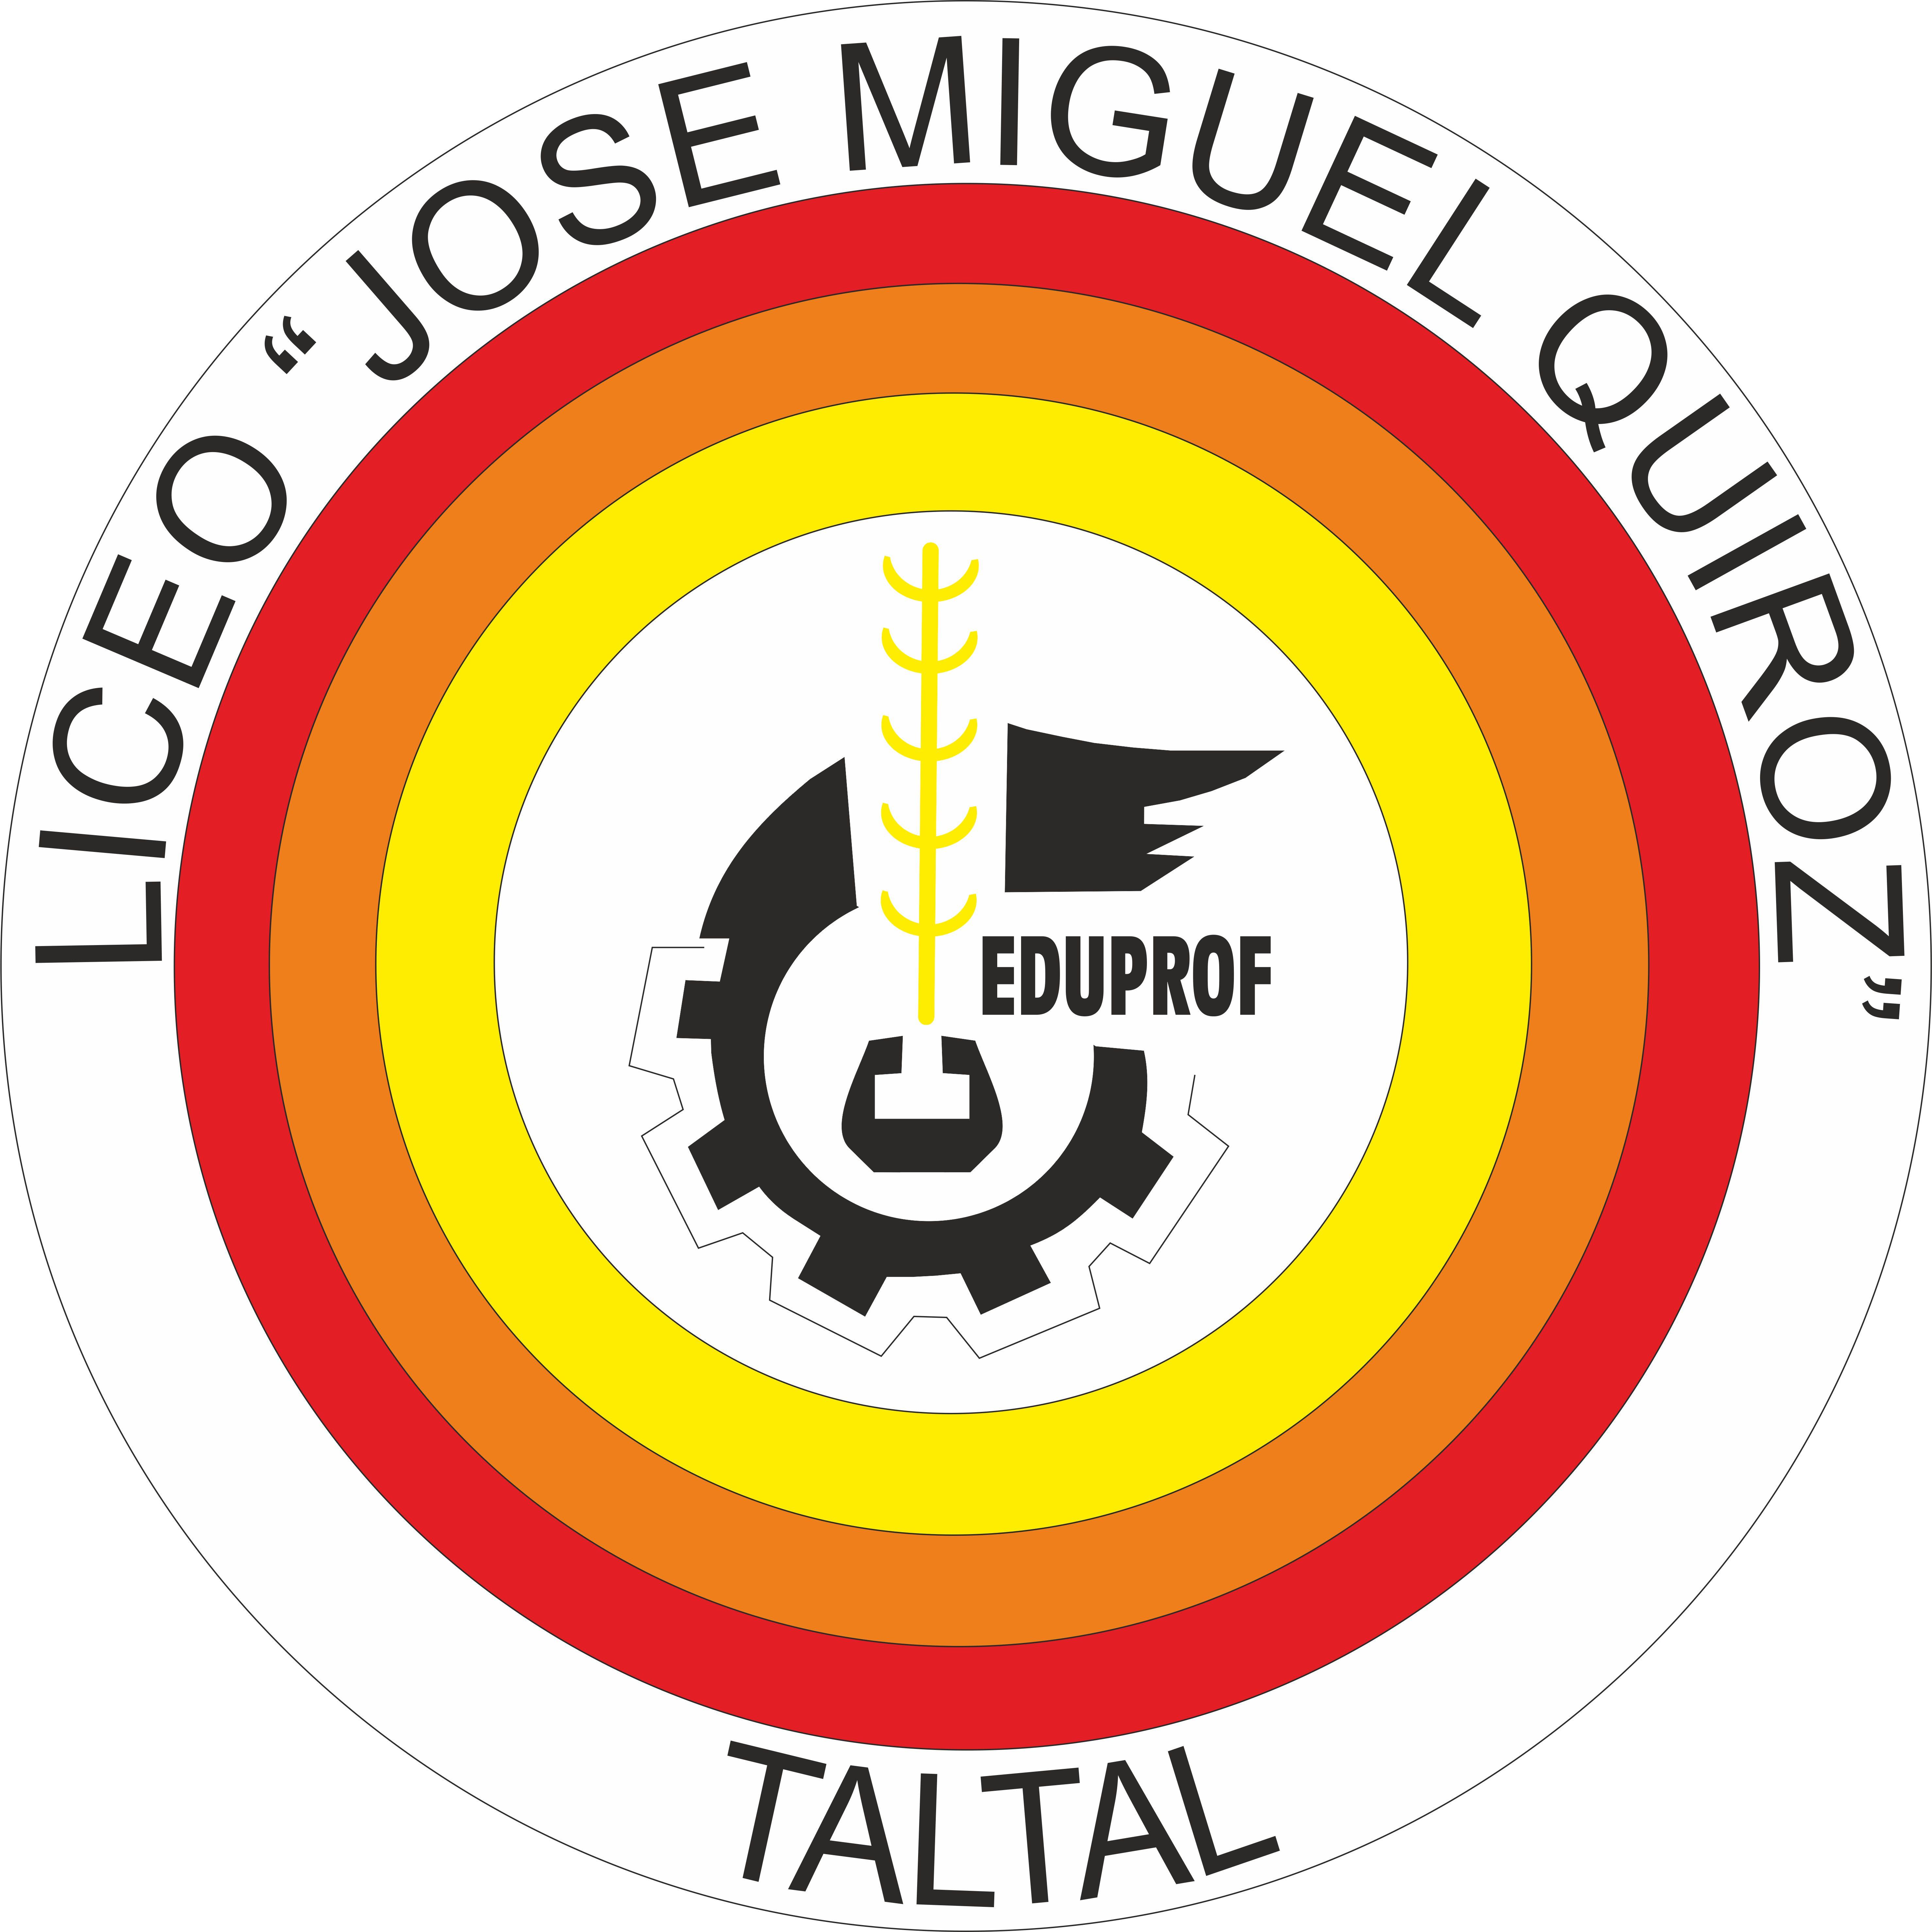 Liceo José Miguel Quiroz - Taltal